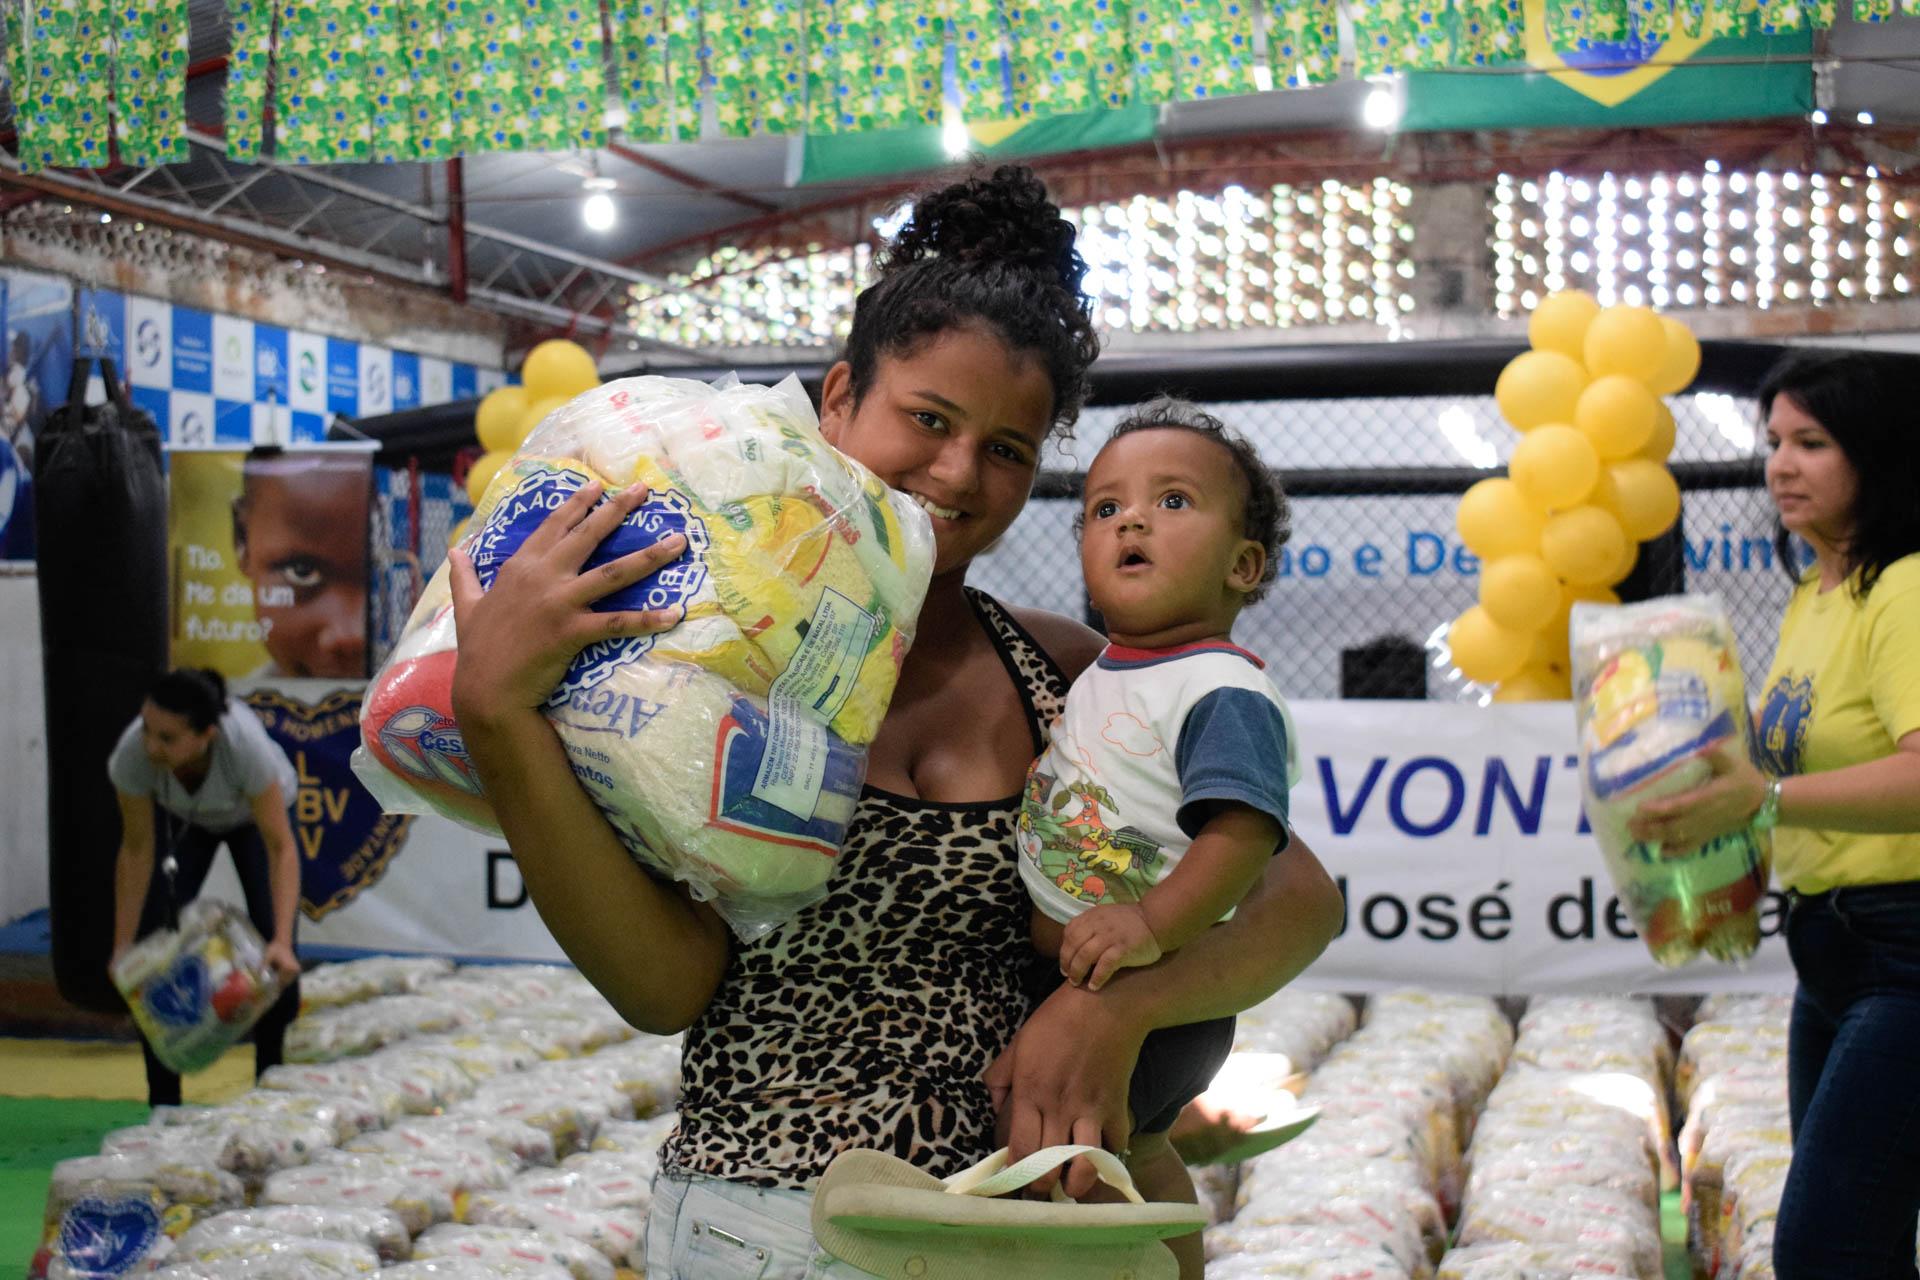 RIO DE JANEIRO, RJ — A doação não serviu apenas para saciar a fome, mas também renovou as esperanças de dias melhores.